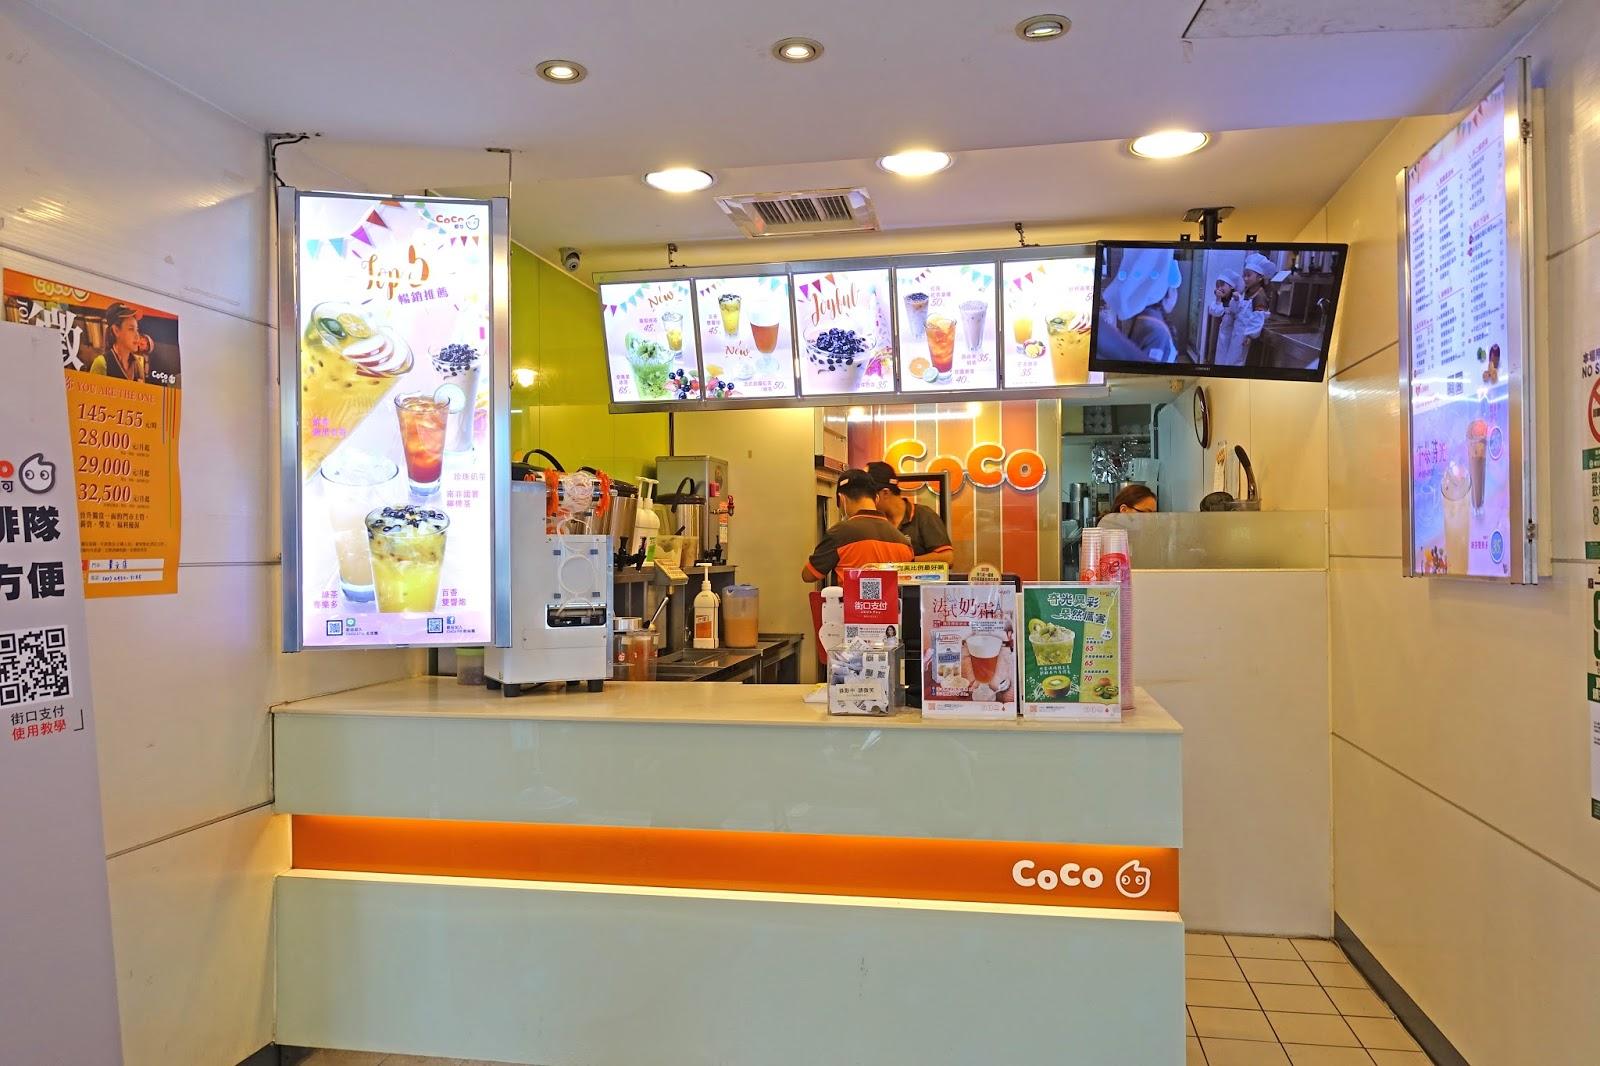 [飲料] CoCo都可 法式奶霜系列。選用法國進口鐵塔牌鮮奶油,銅板價飲料也能享有高級甜點口感!   西西烹飪筆記